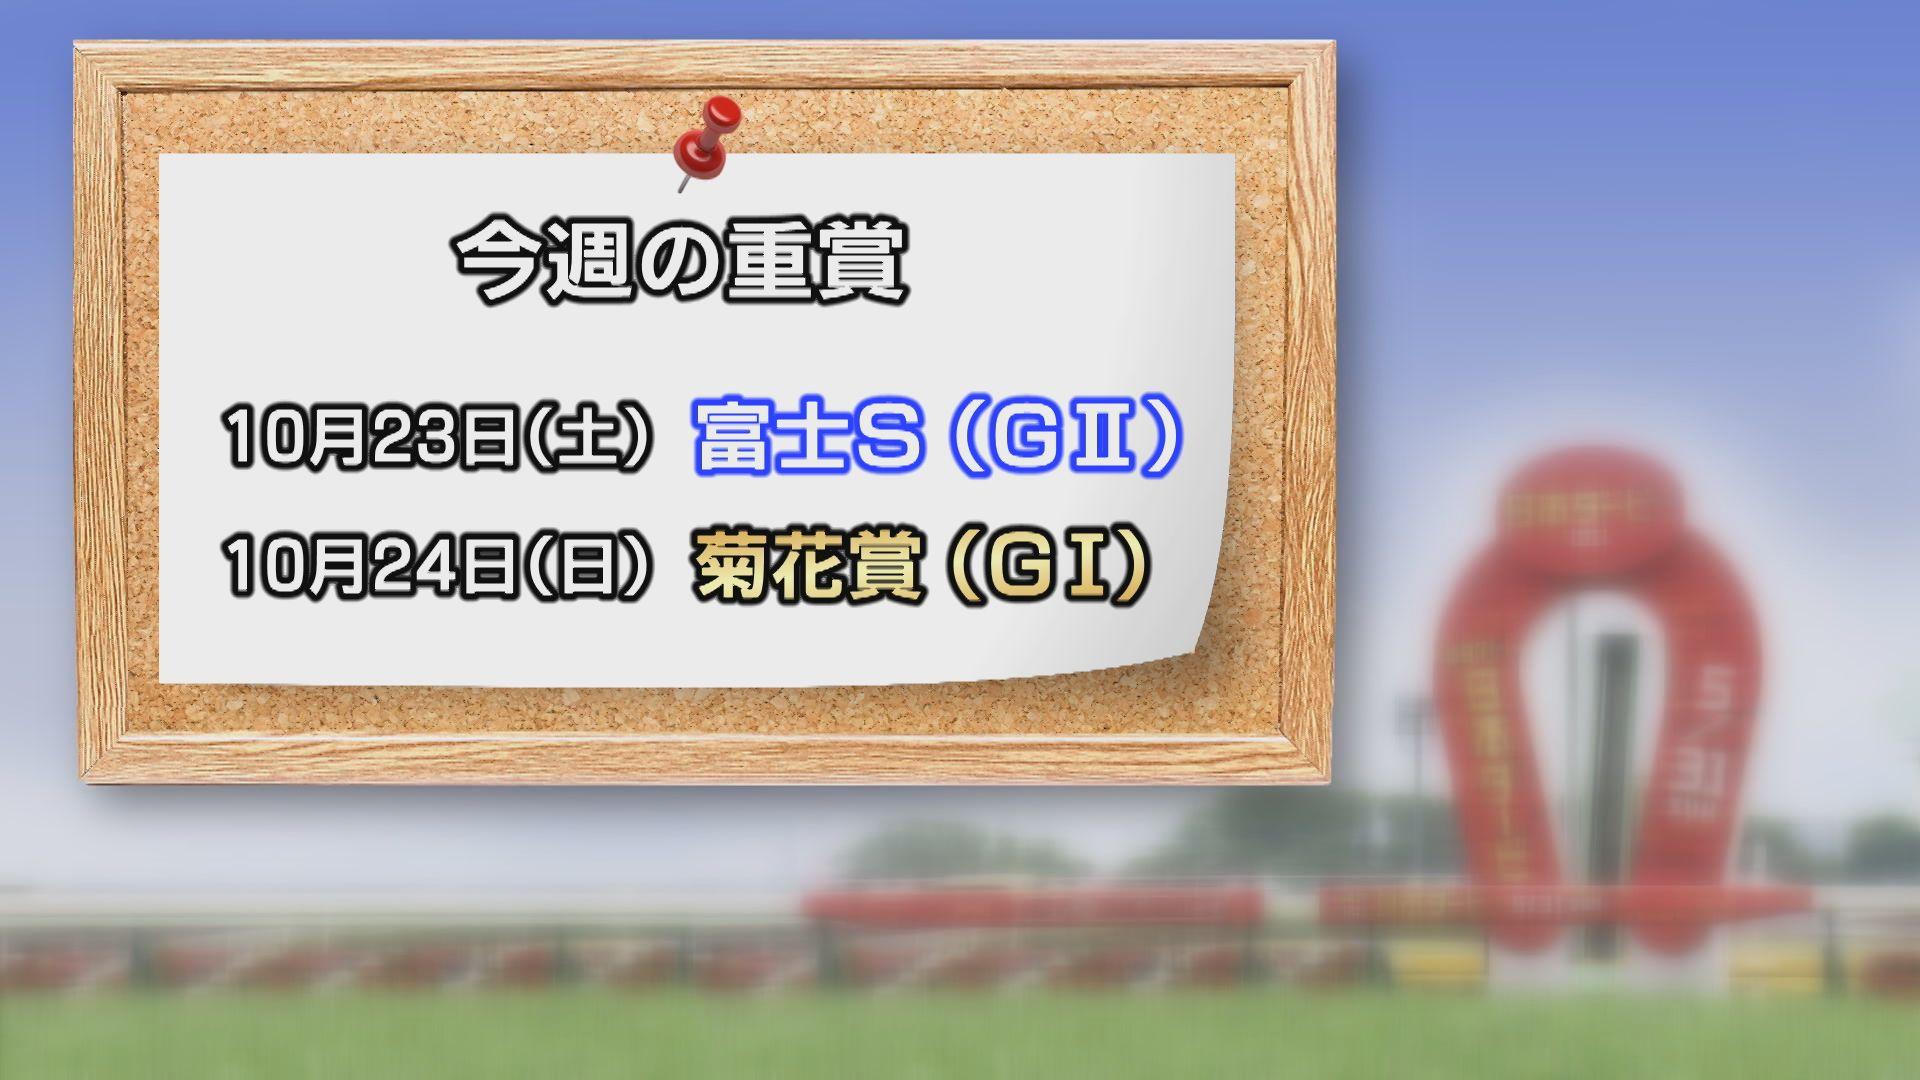 【今週の重賞インフォメーション】富士S 10/23(土)